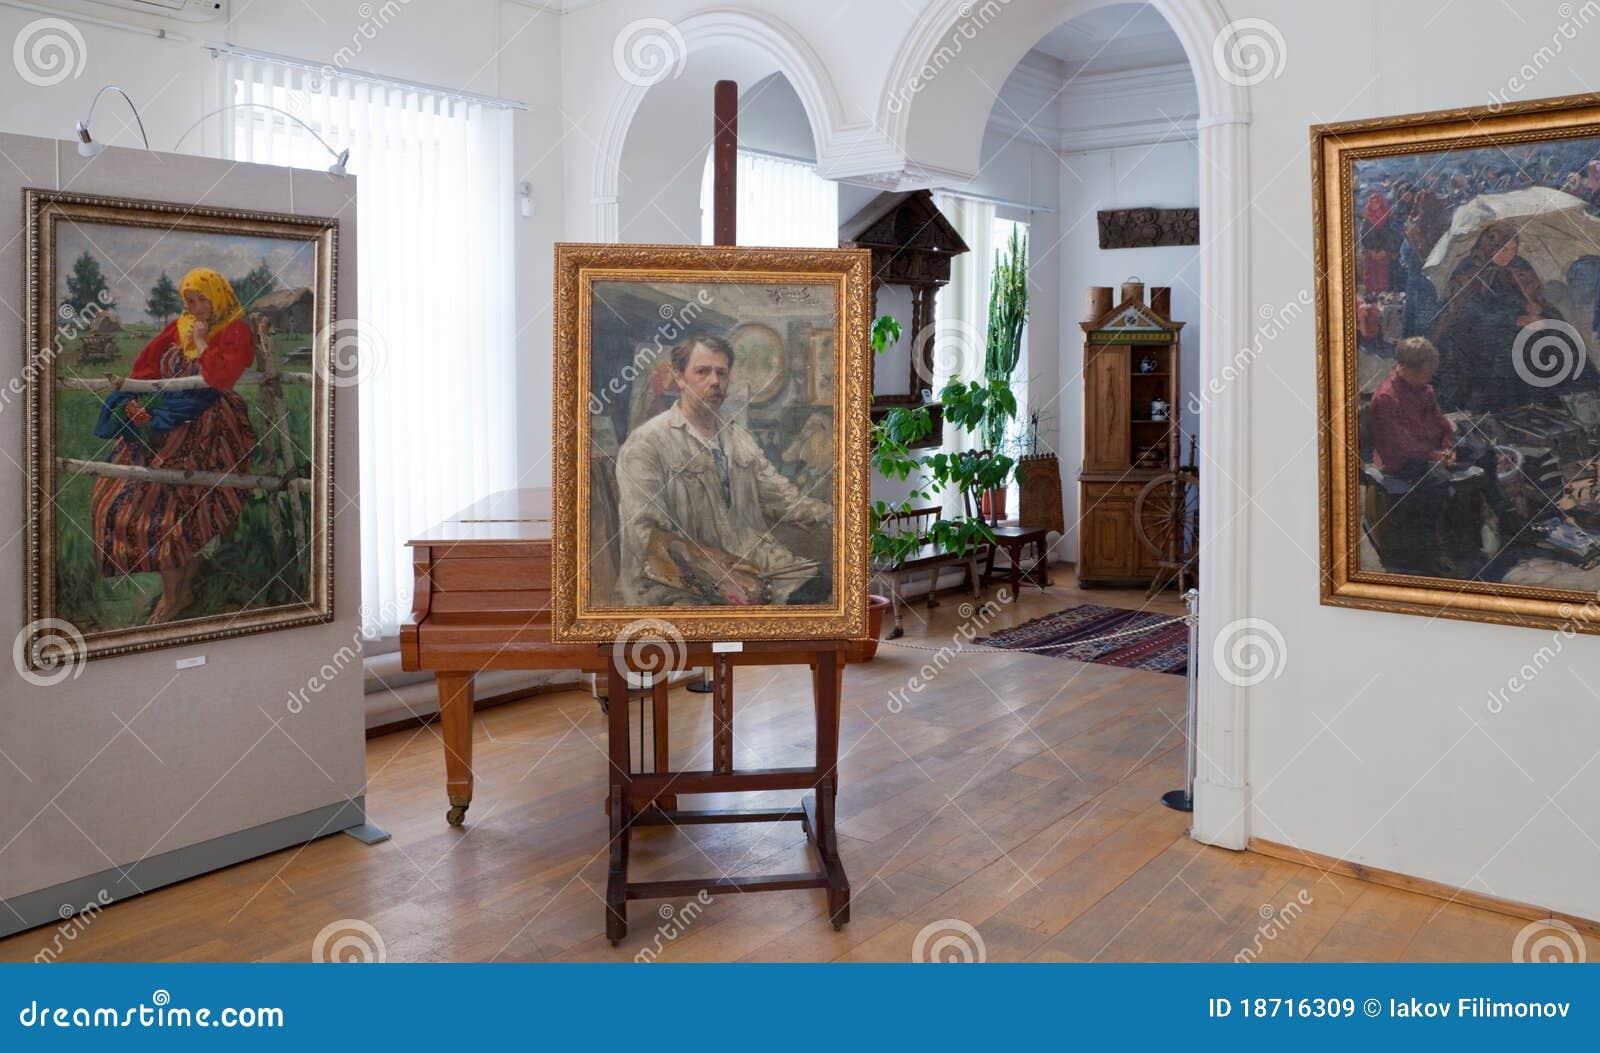 Galery by artist Ivan Kulikov (1875-1941)